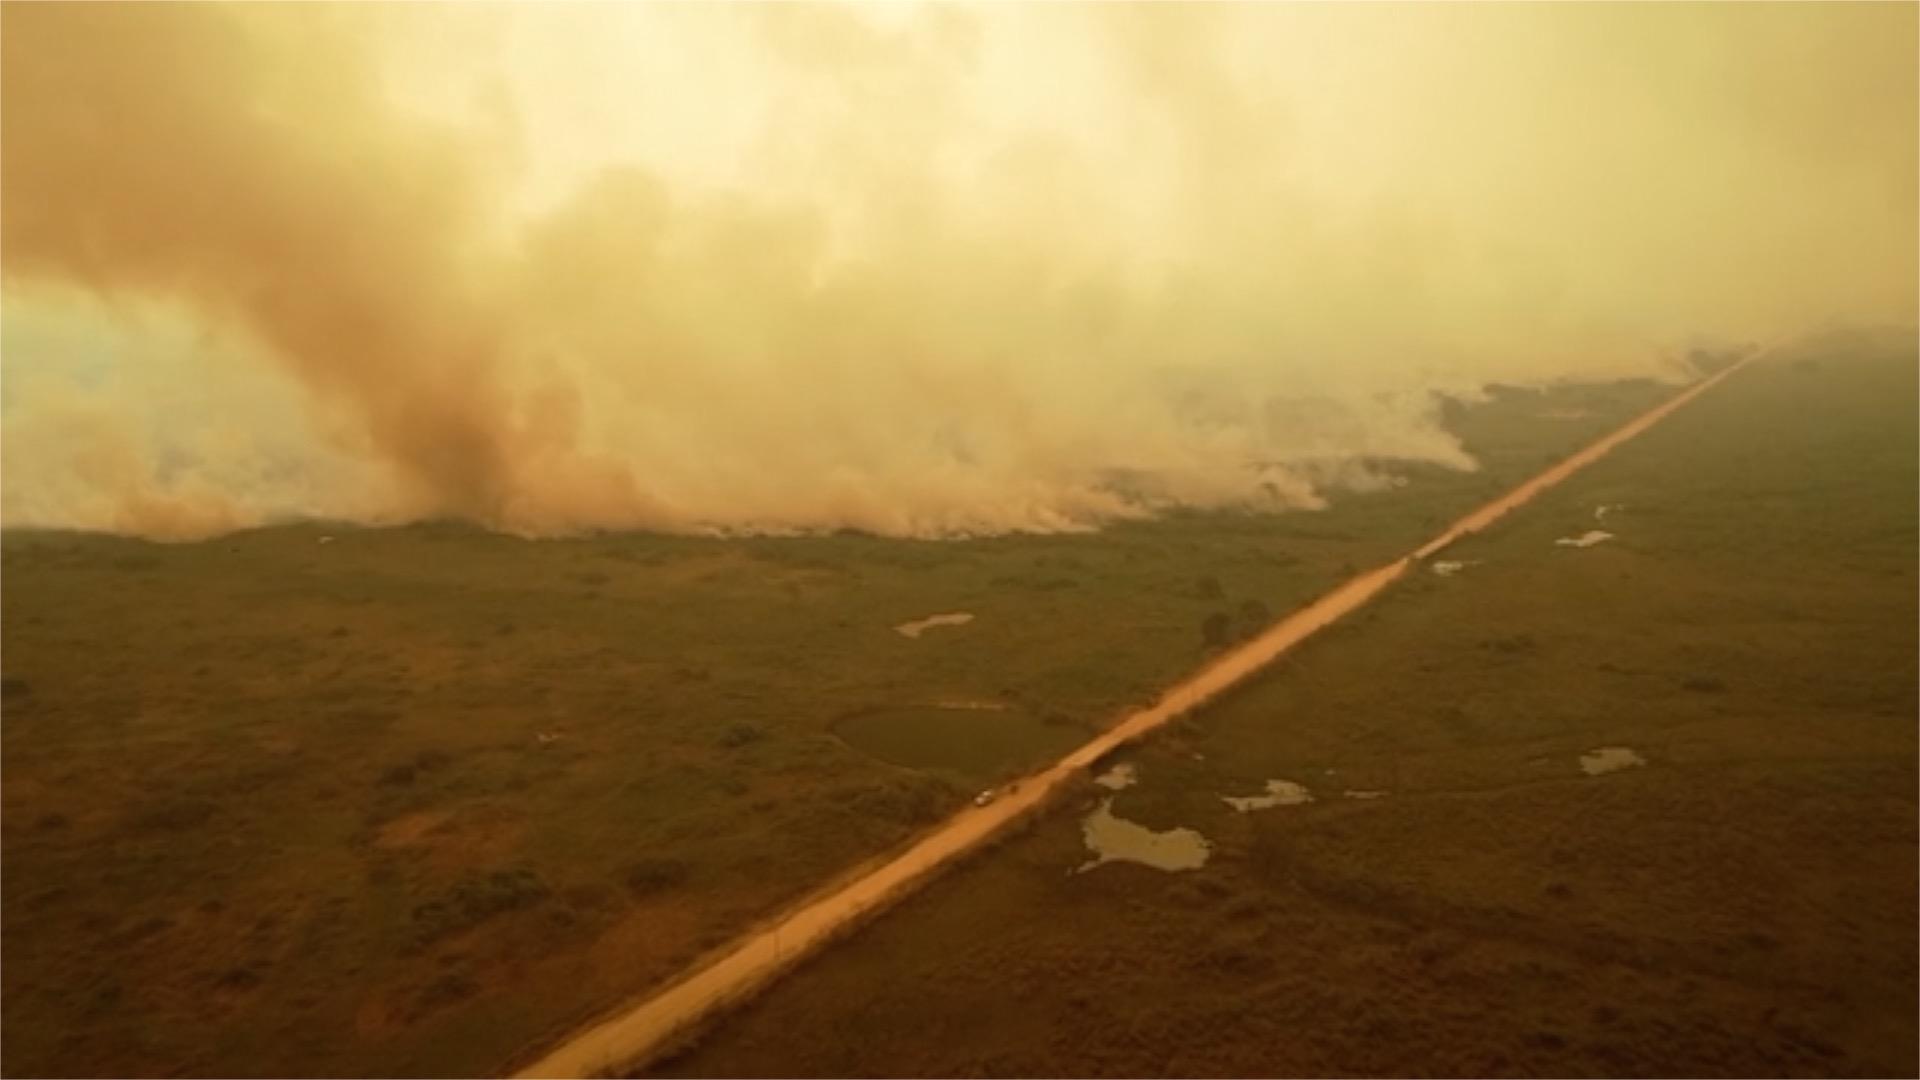 ad813c5b43b64fc5bf2b2c5d9973c4ad - سوختن حیوانات در آتش سوزی بزرگترین تالاب جهان + عکس